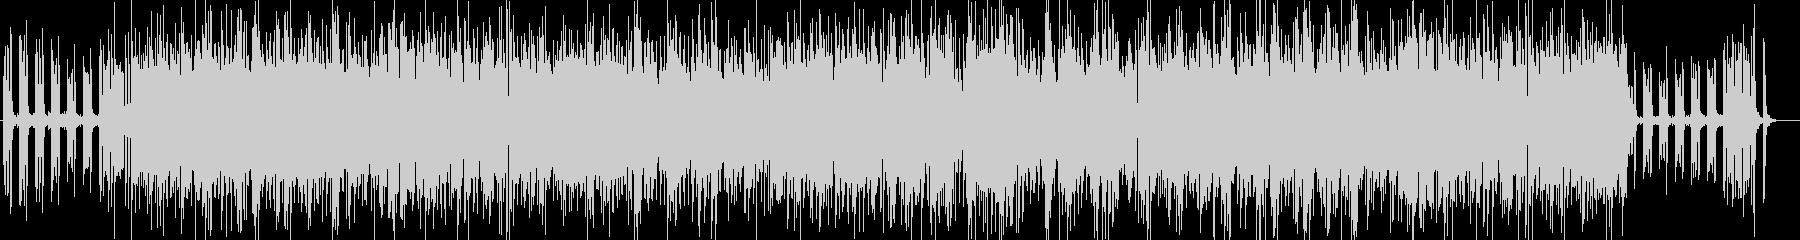 爽やかなボサノバジャズのbgmの未再生の波形